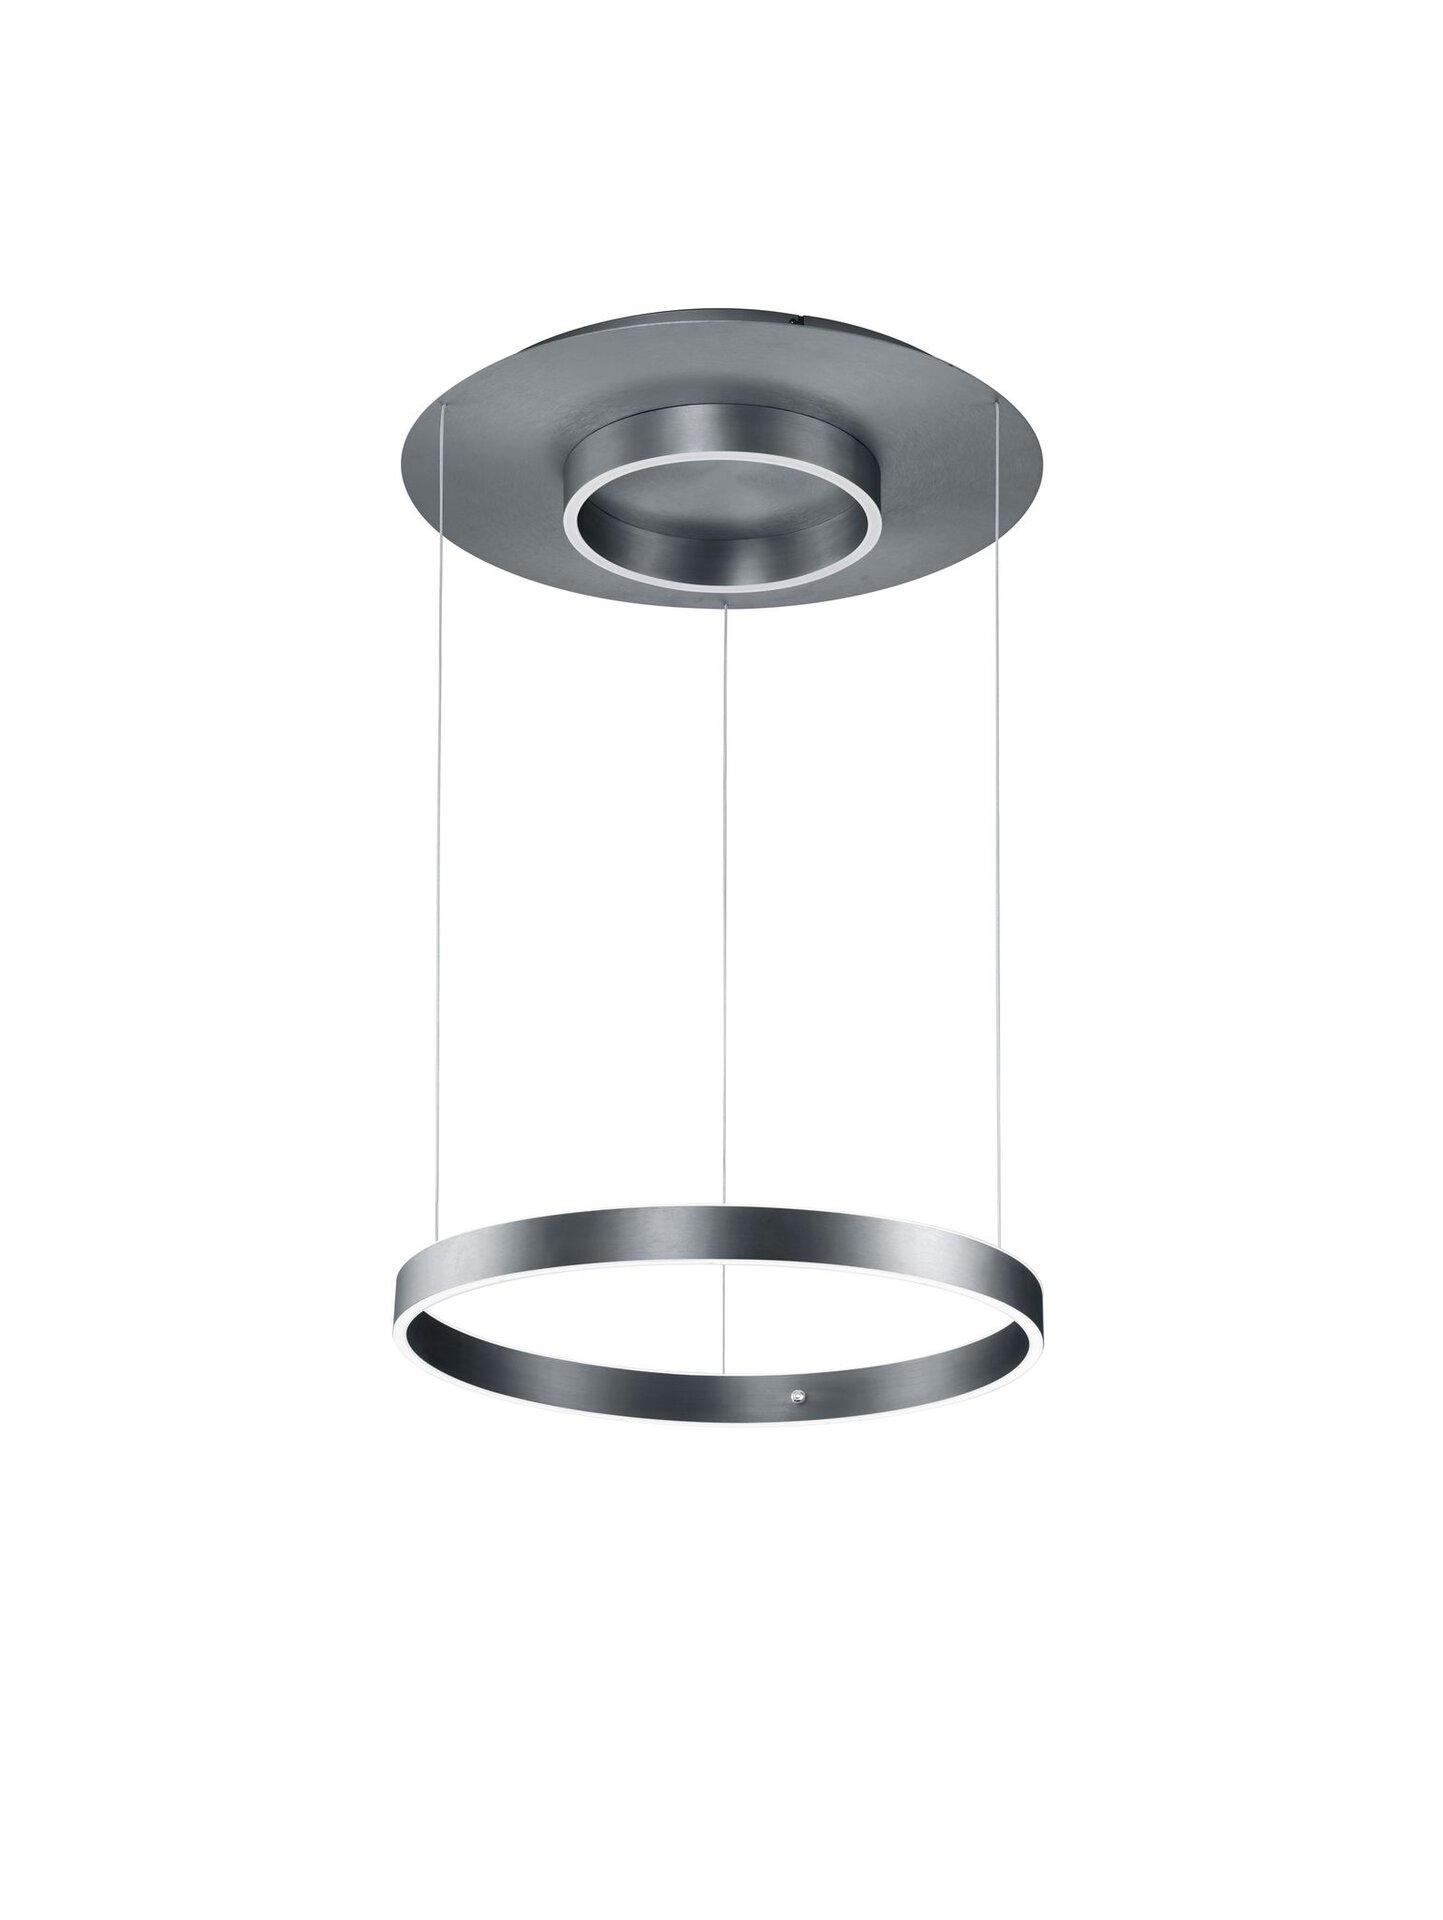 Hängeleuchte DELTA B-Leuchten Metall 60 x 150 x 60 cm